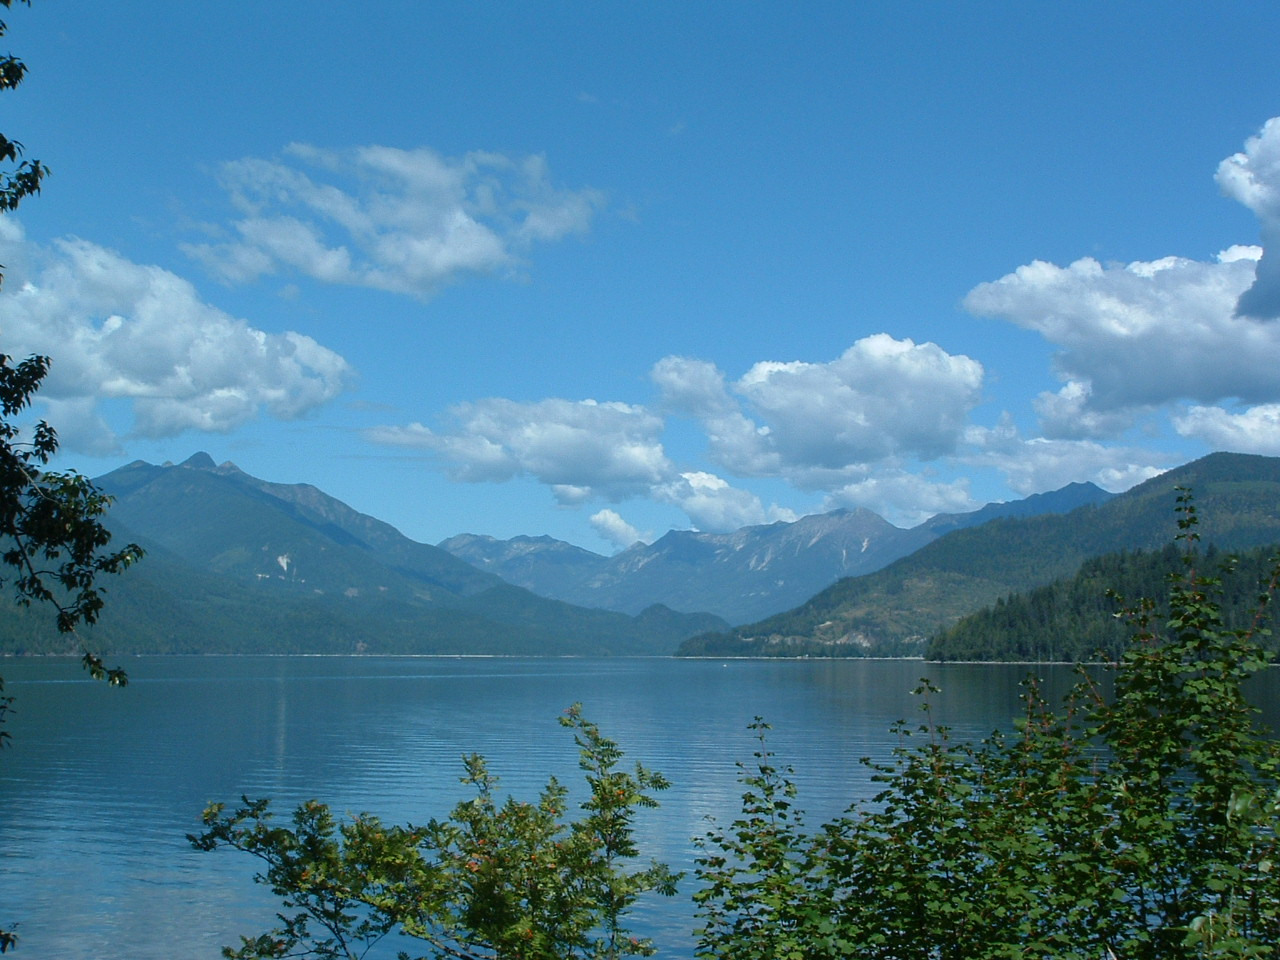 Selkirk Loop Vacation in British Columbia